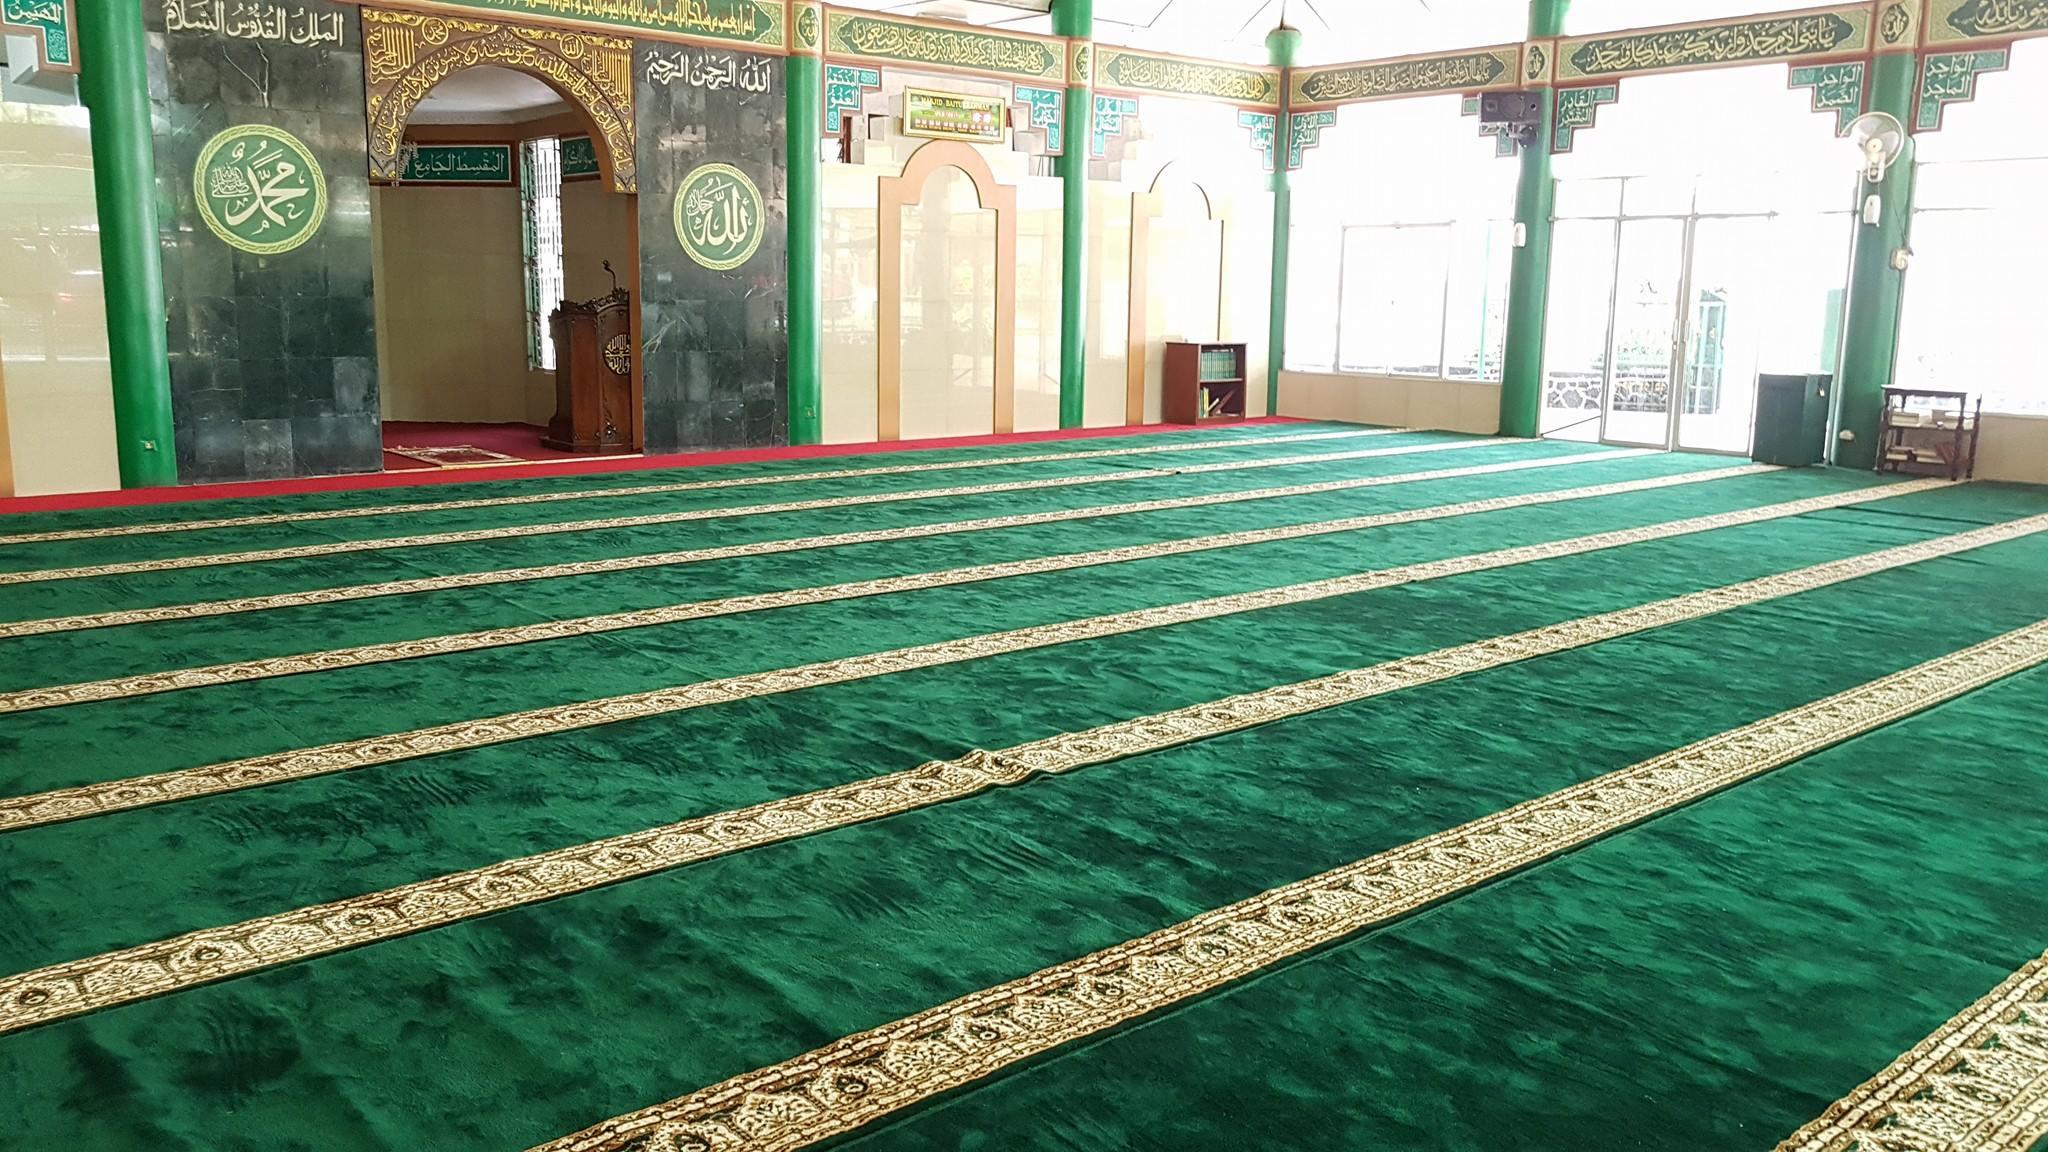 spesialis jual Karpet Masjid palembang